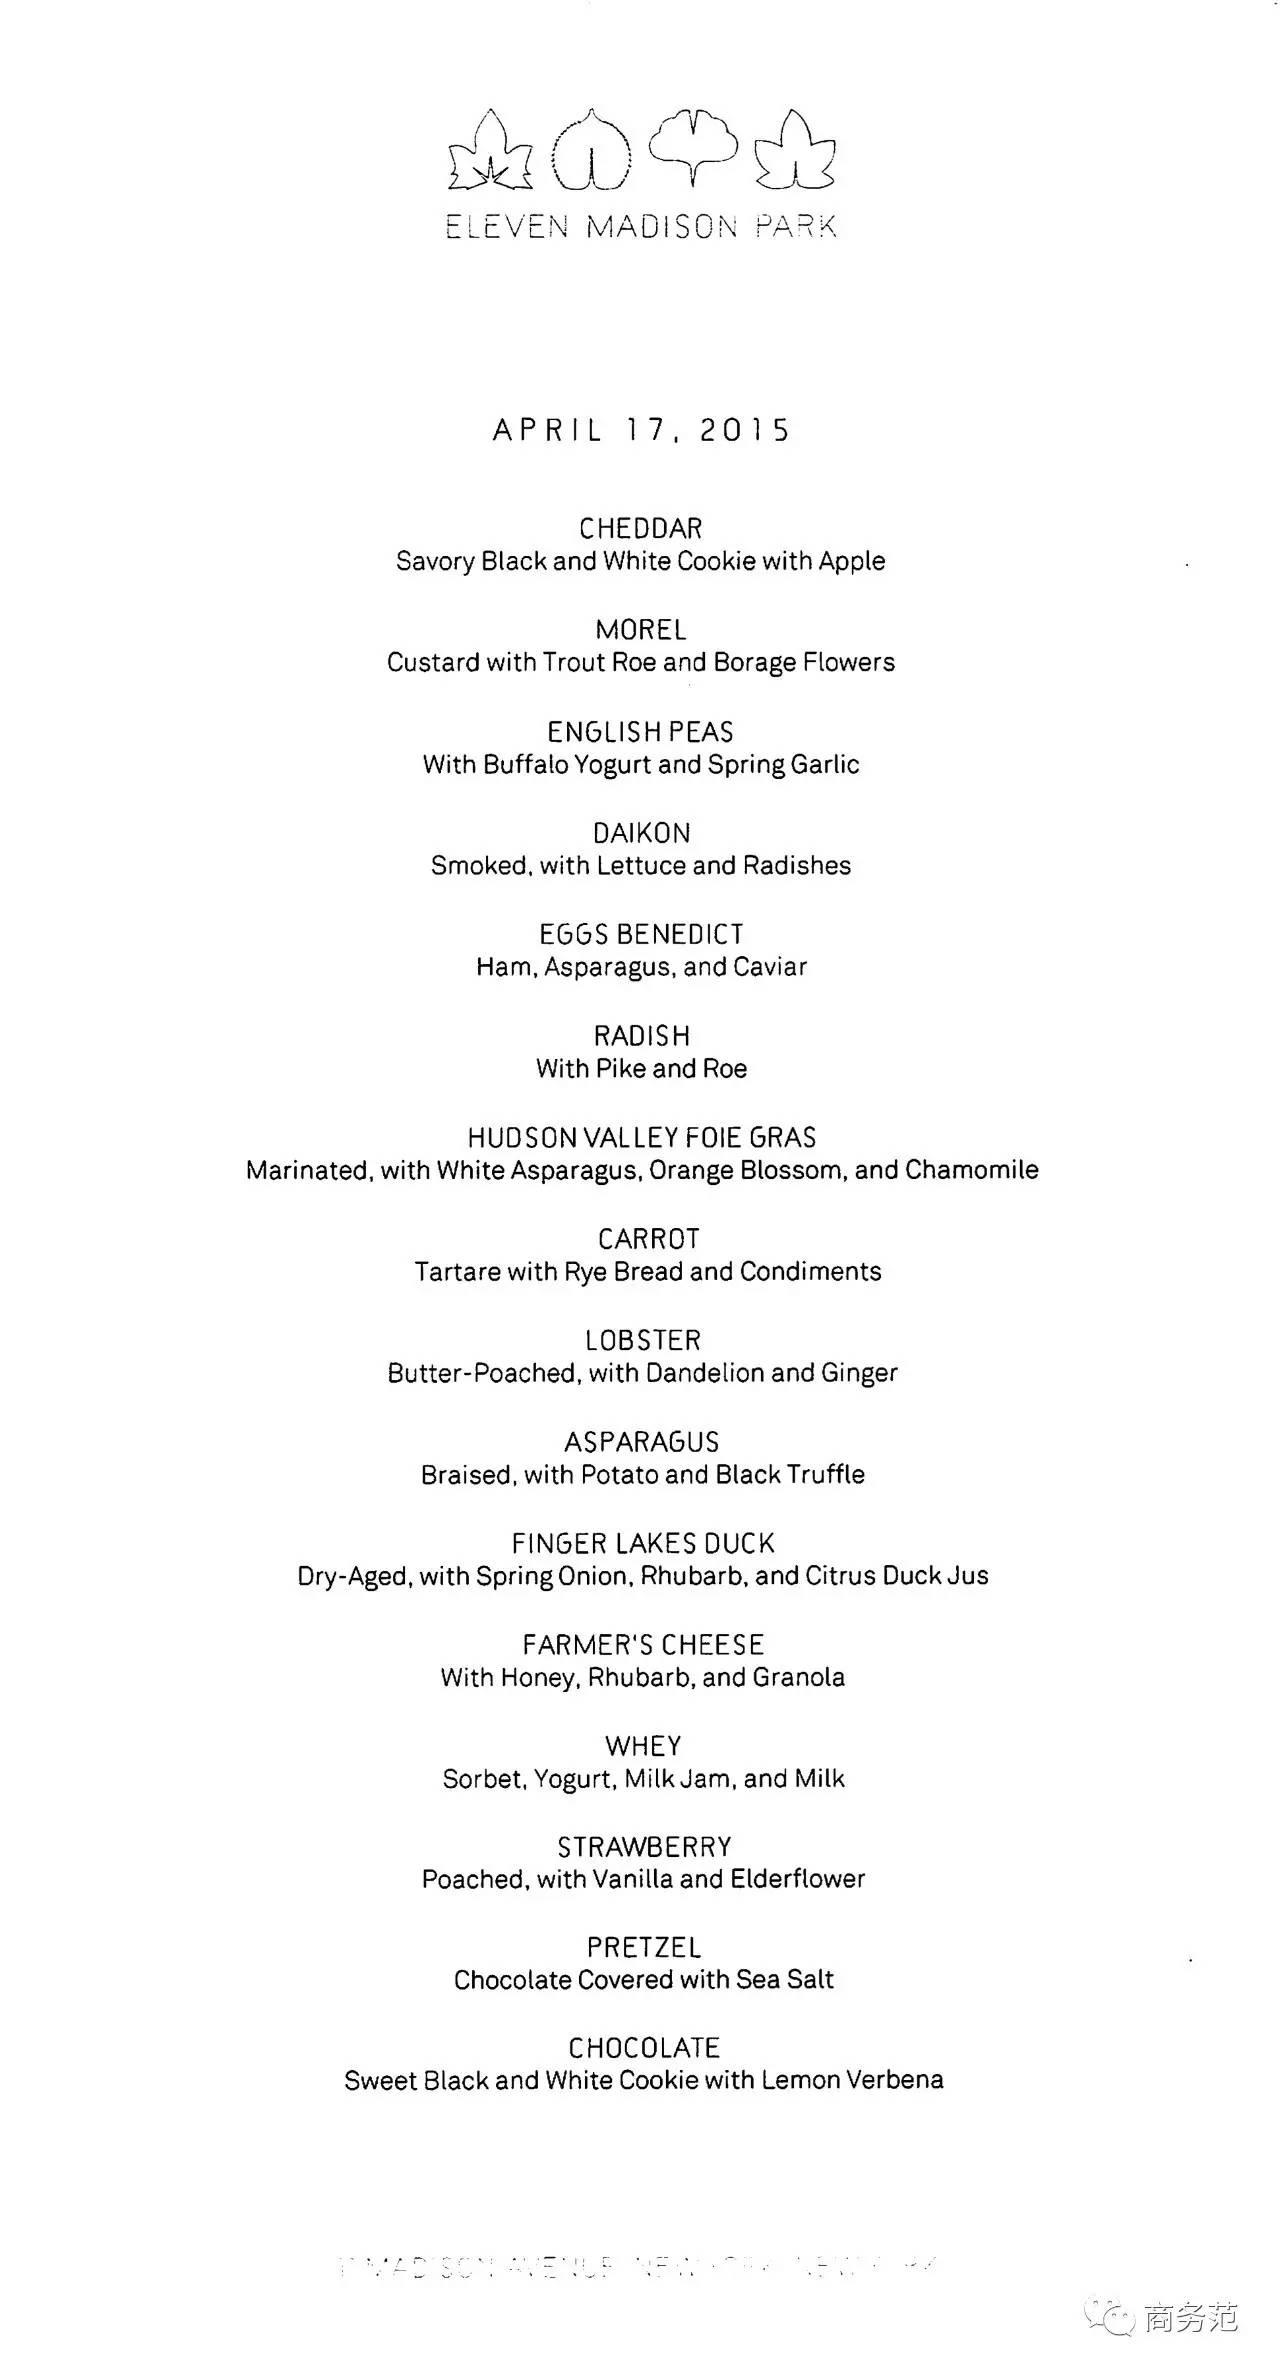 两年前在世界排名第三的餐厅吃了顿饭,回味至今